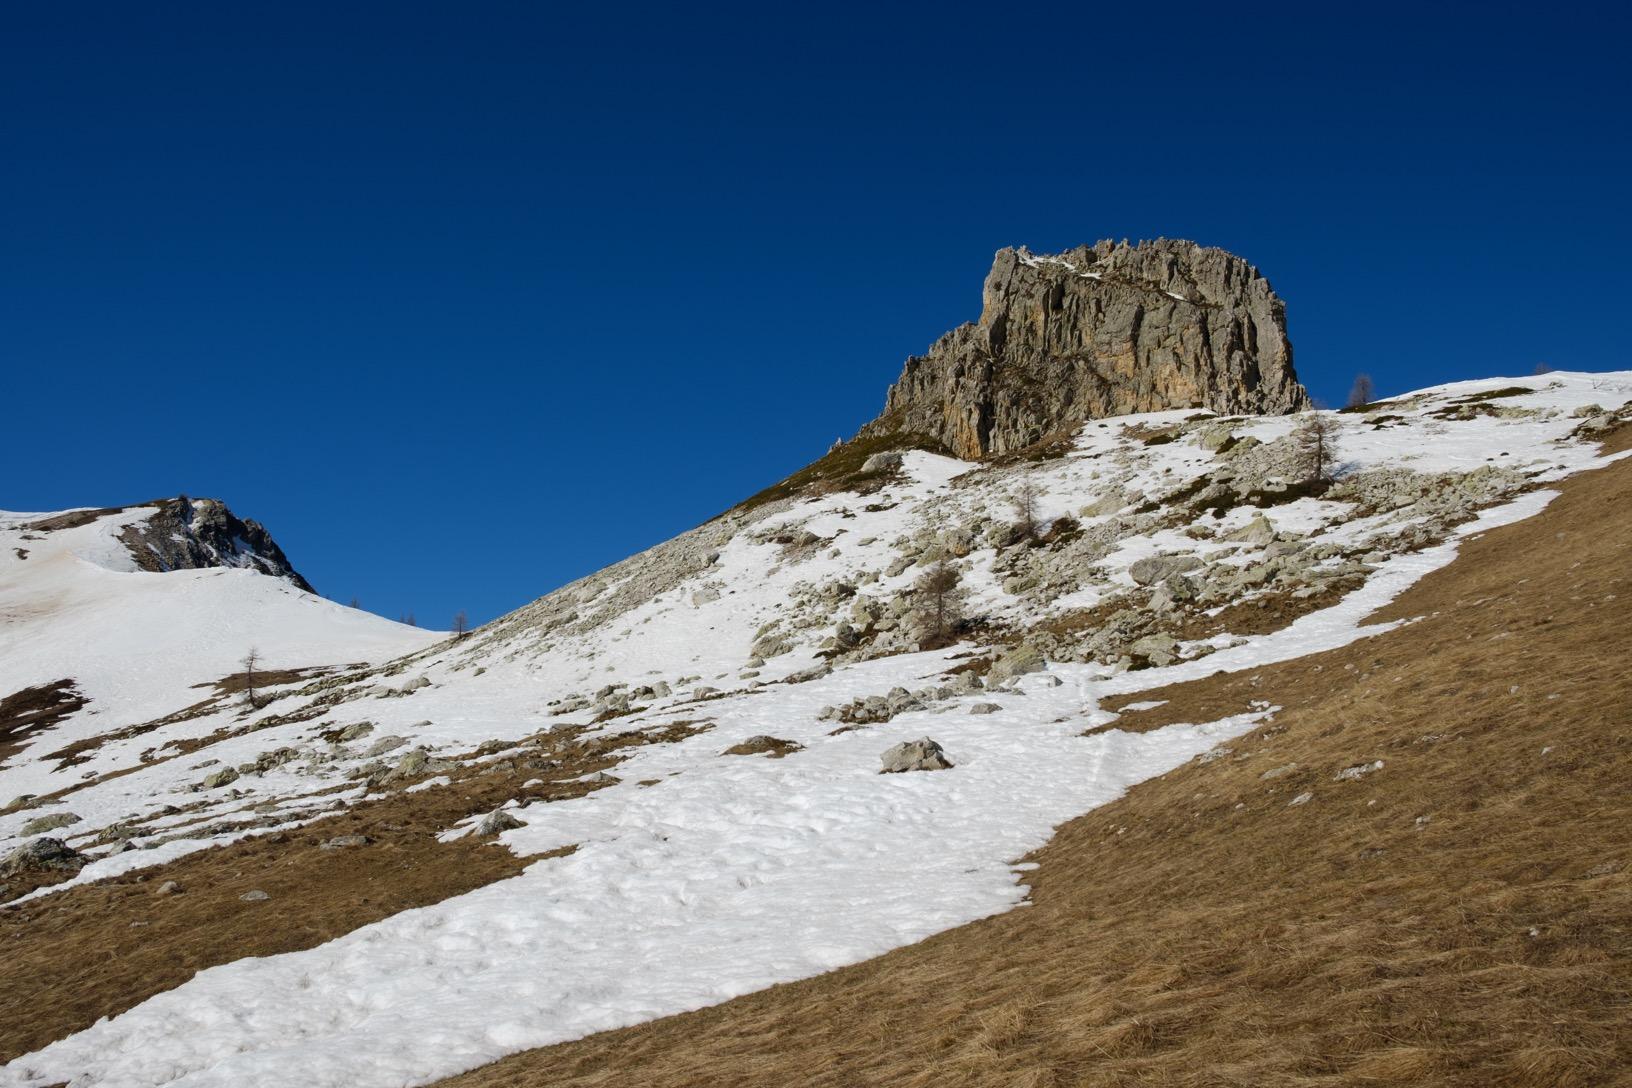 Il monte Piutas